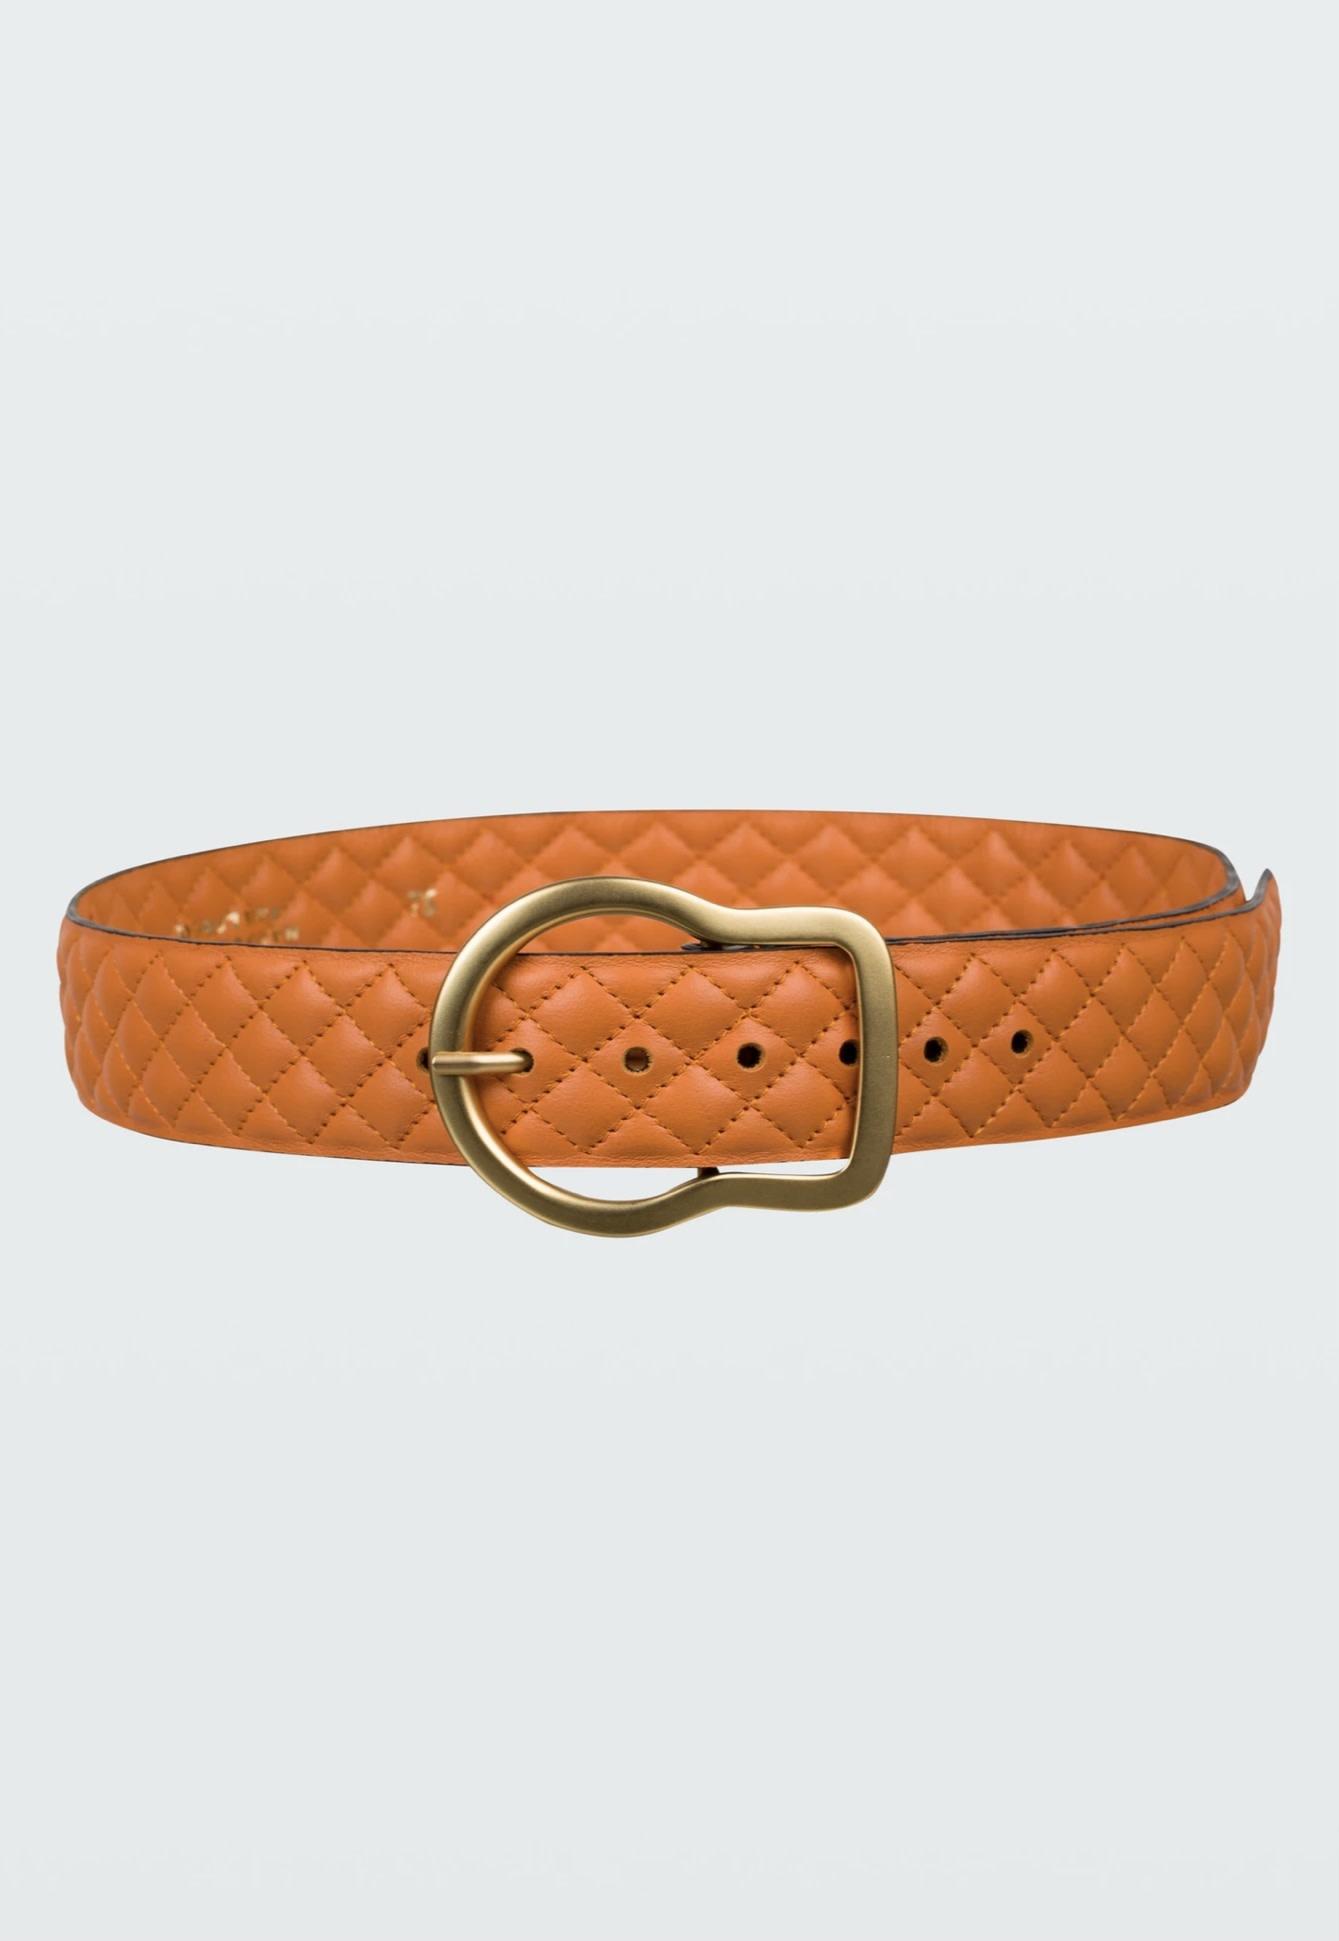 Stitch sensation belt dorothee schumacher-3